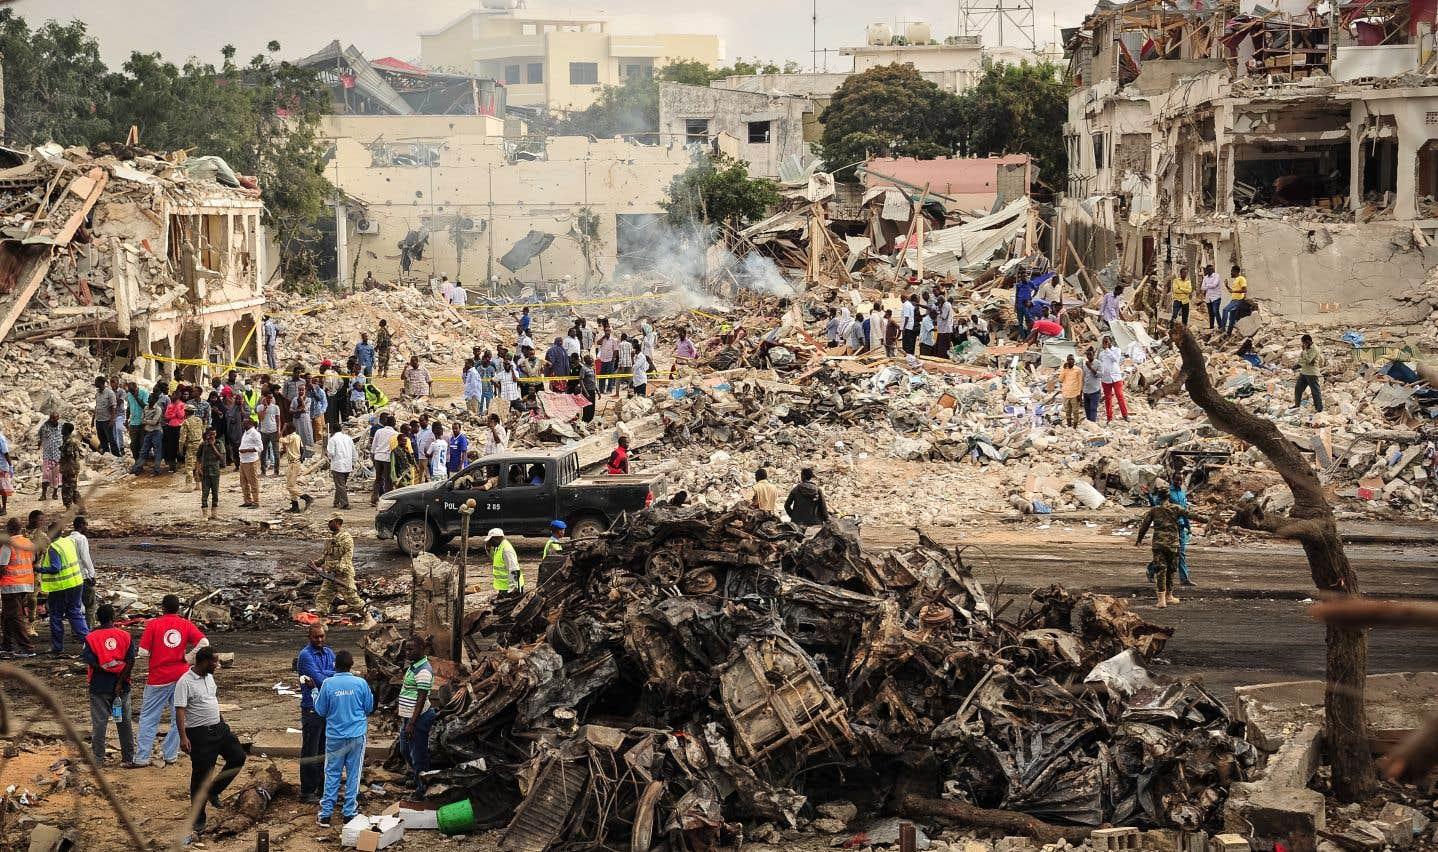 Le bilan des deux attaques au camion piégé perpétrées samedi à Mogadiscio, en Somalie, s'est élevé dimanche à 276 morts et plus de 300 blessés.